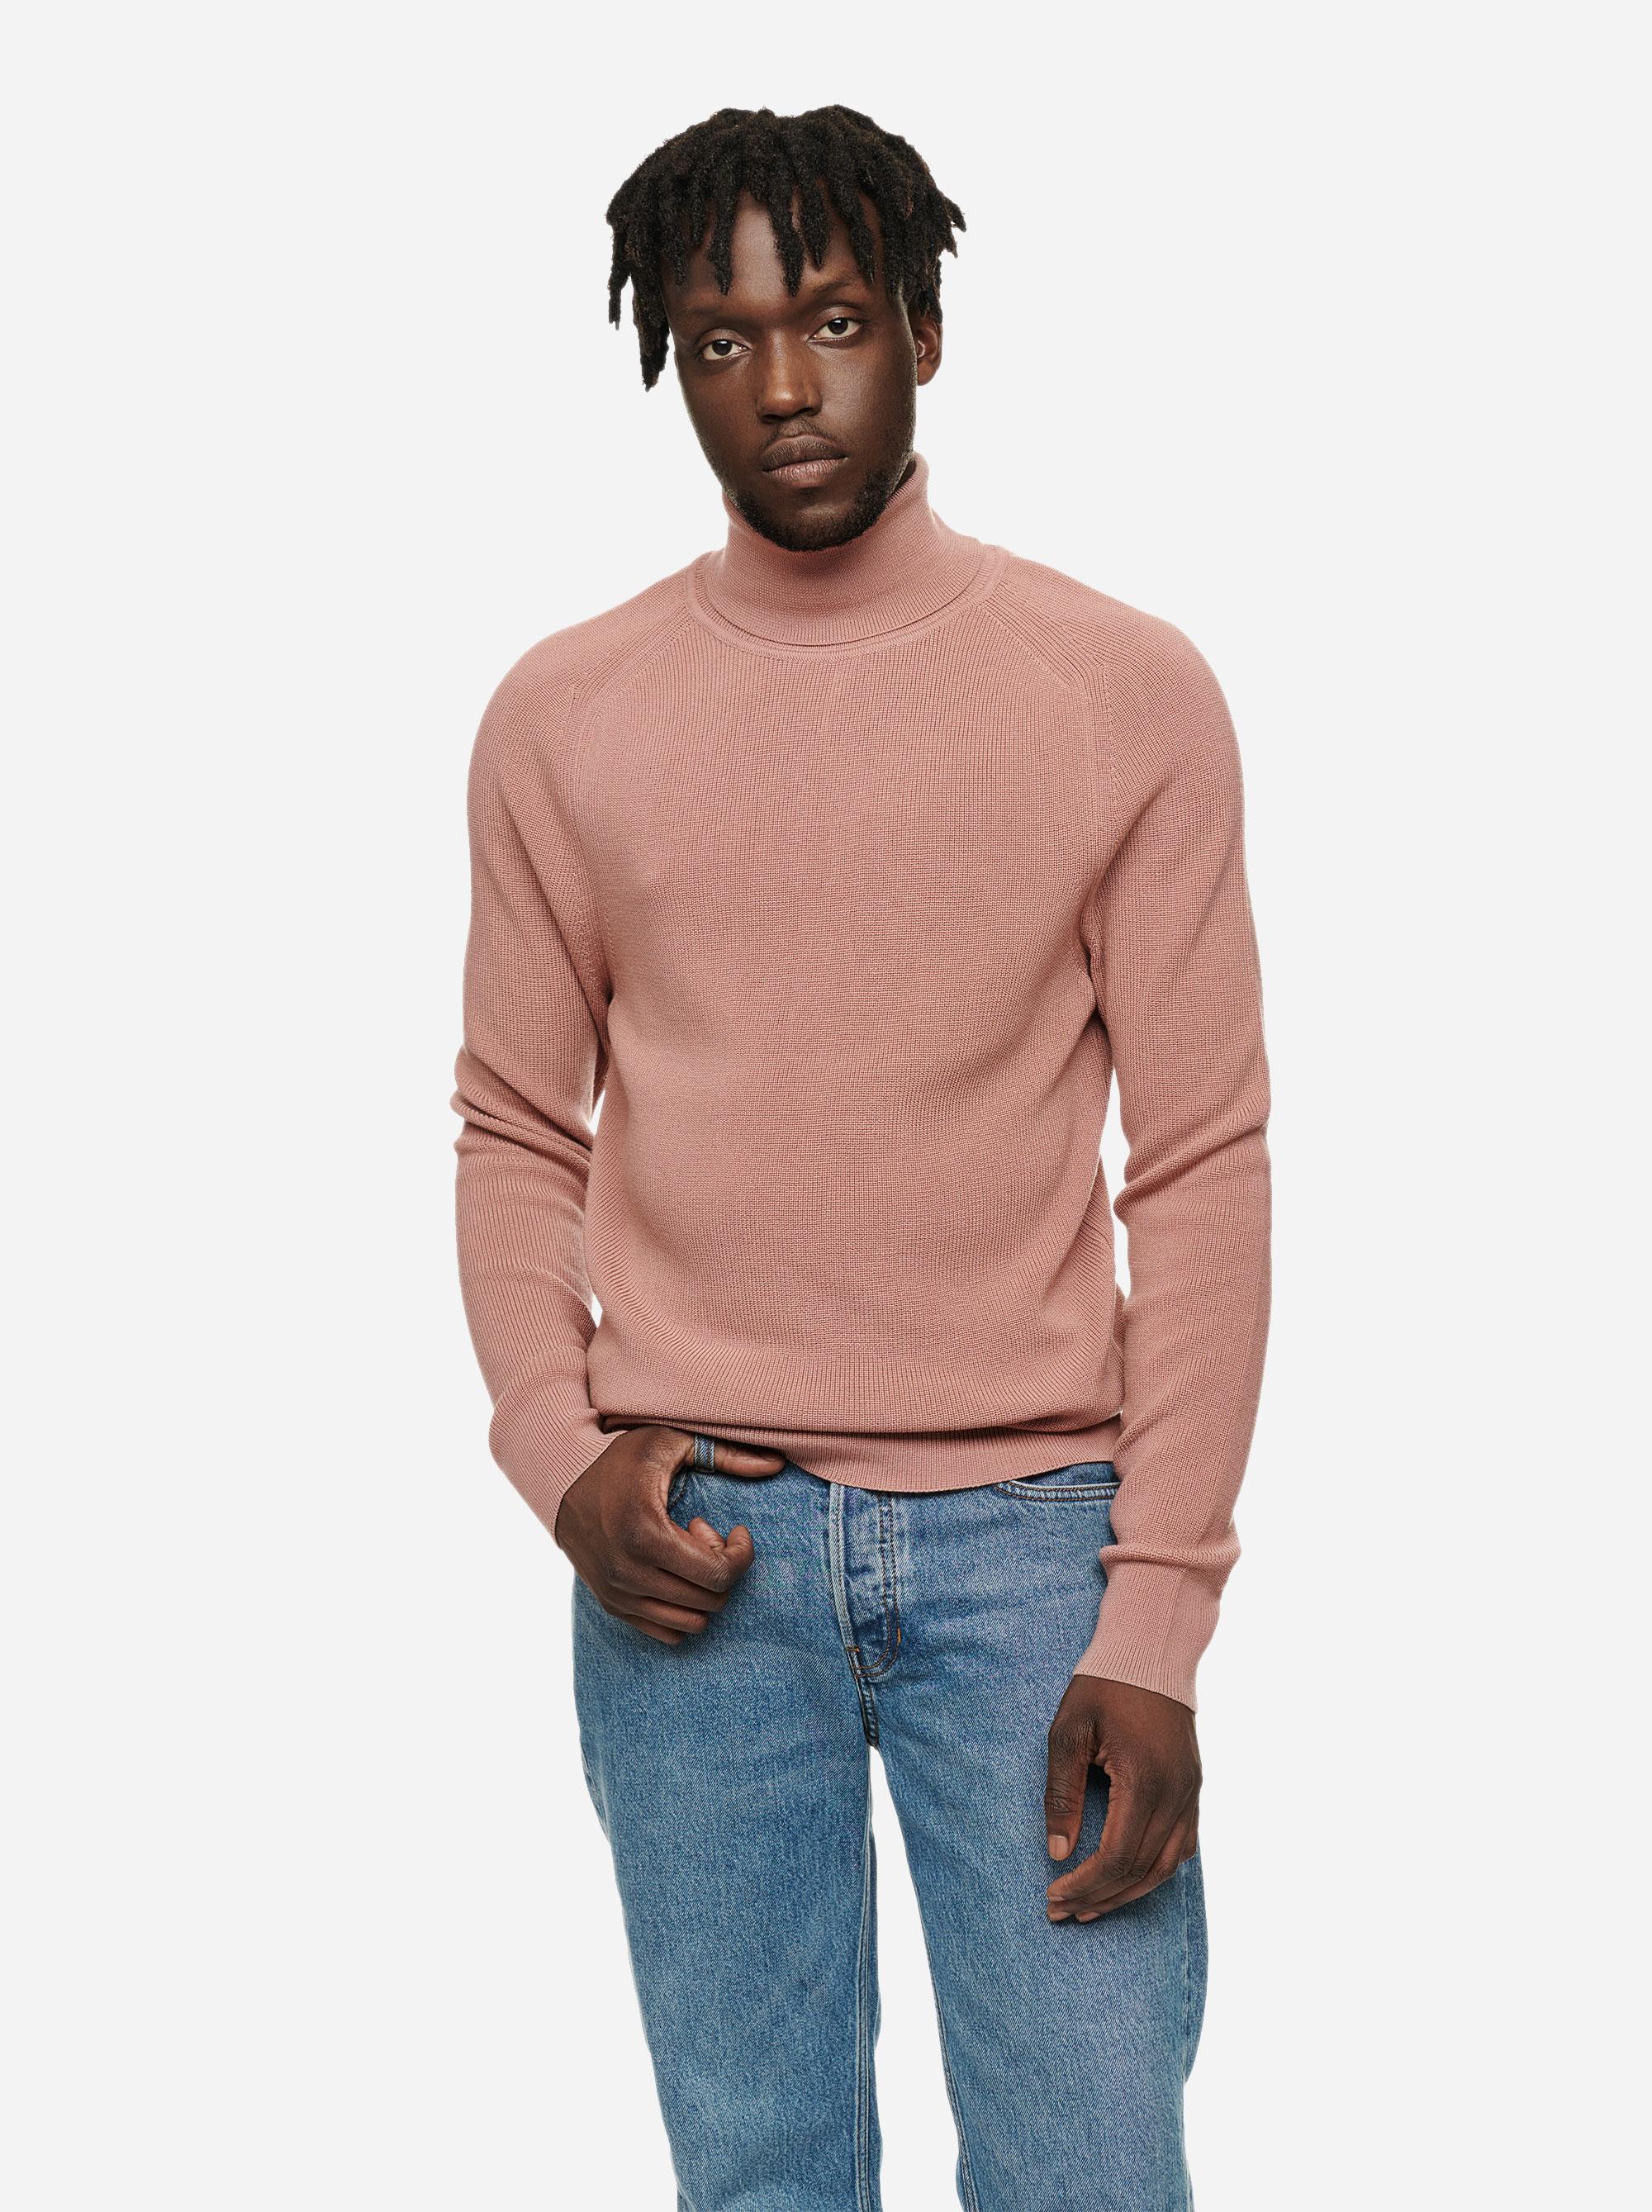 Teym - Turtleneck - The Merino Sweater - Men - Pink - 2